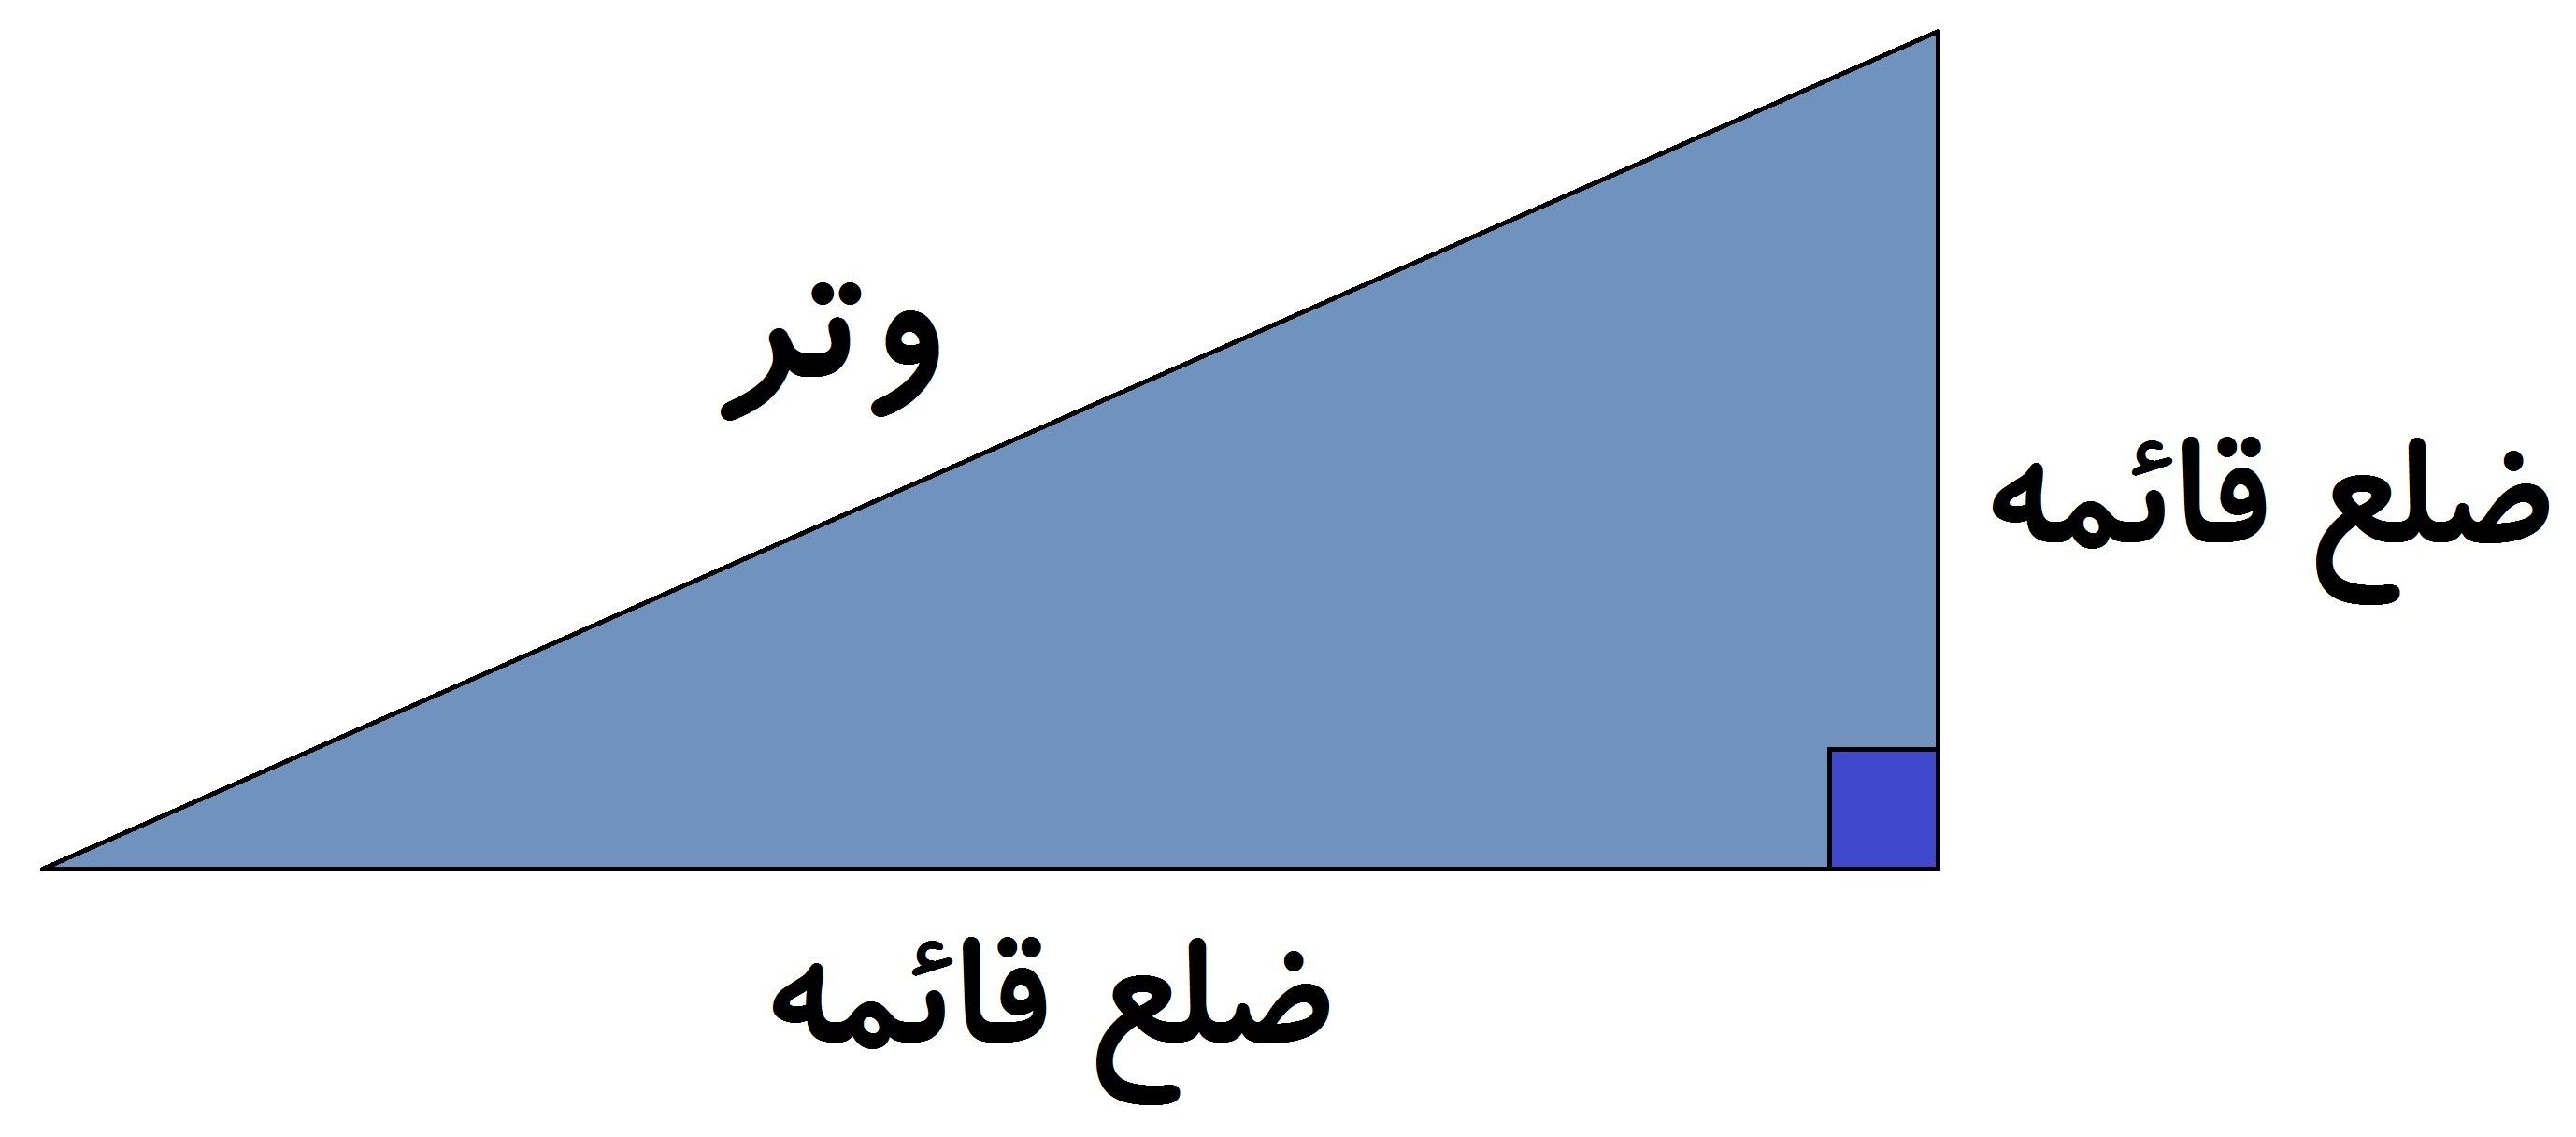 رابطه فیثاغورس - وتر و اضلاع قائمه - درس در خانه